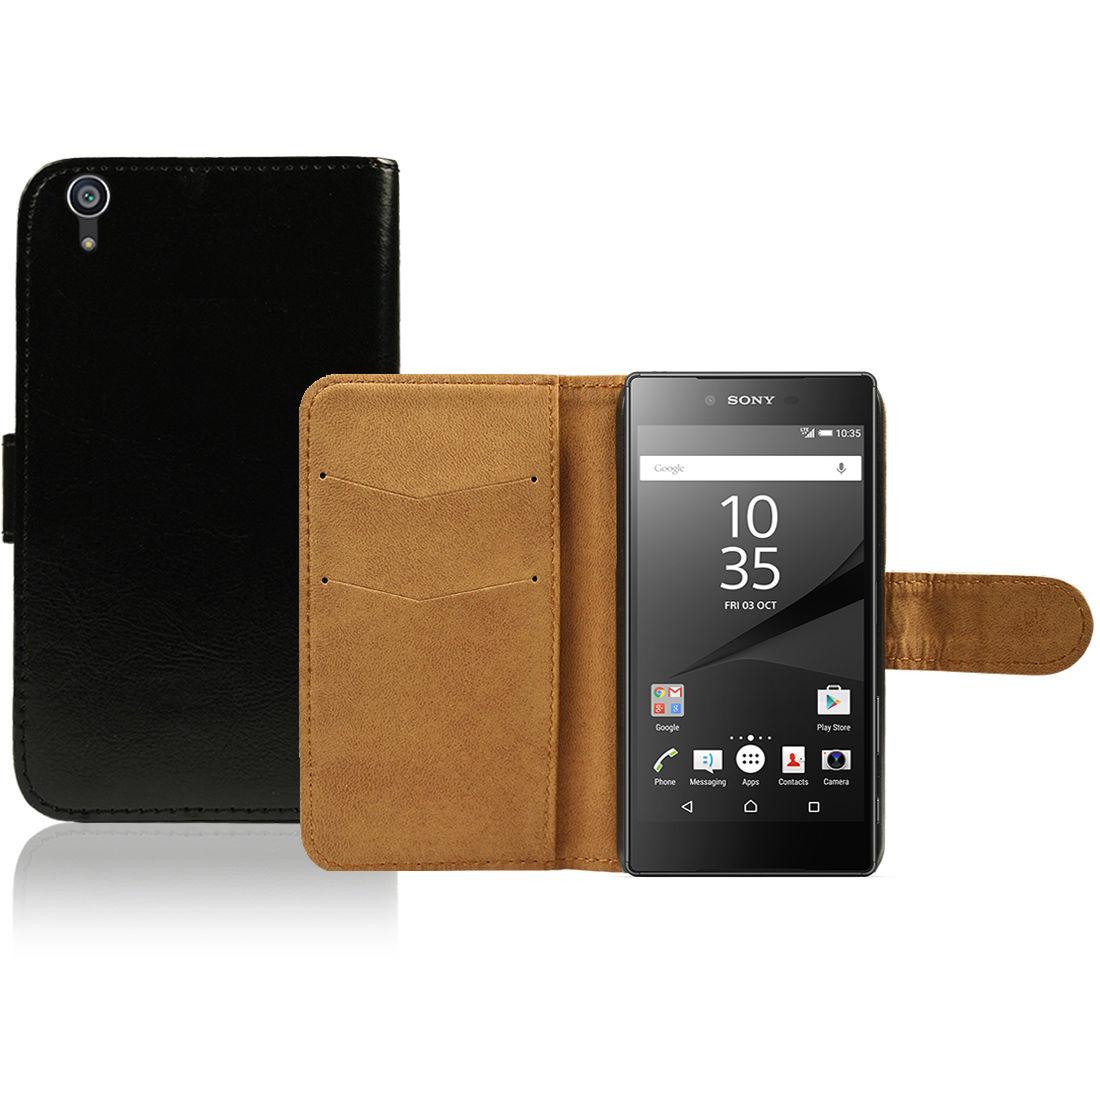 Pouzdro pro Sony Xperia Z5 černé